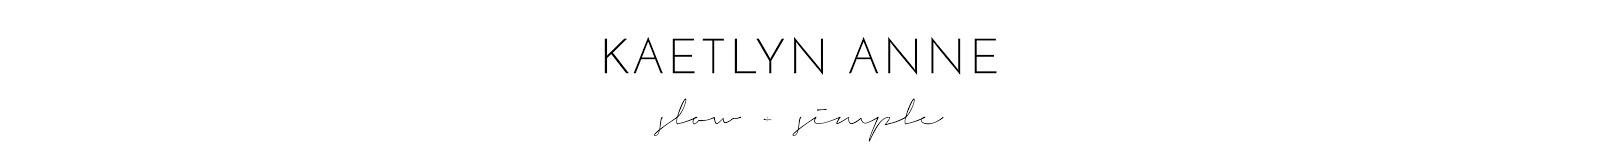 Kaetlyn Anne